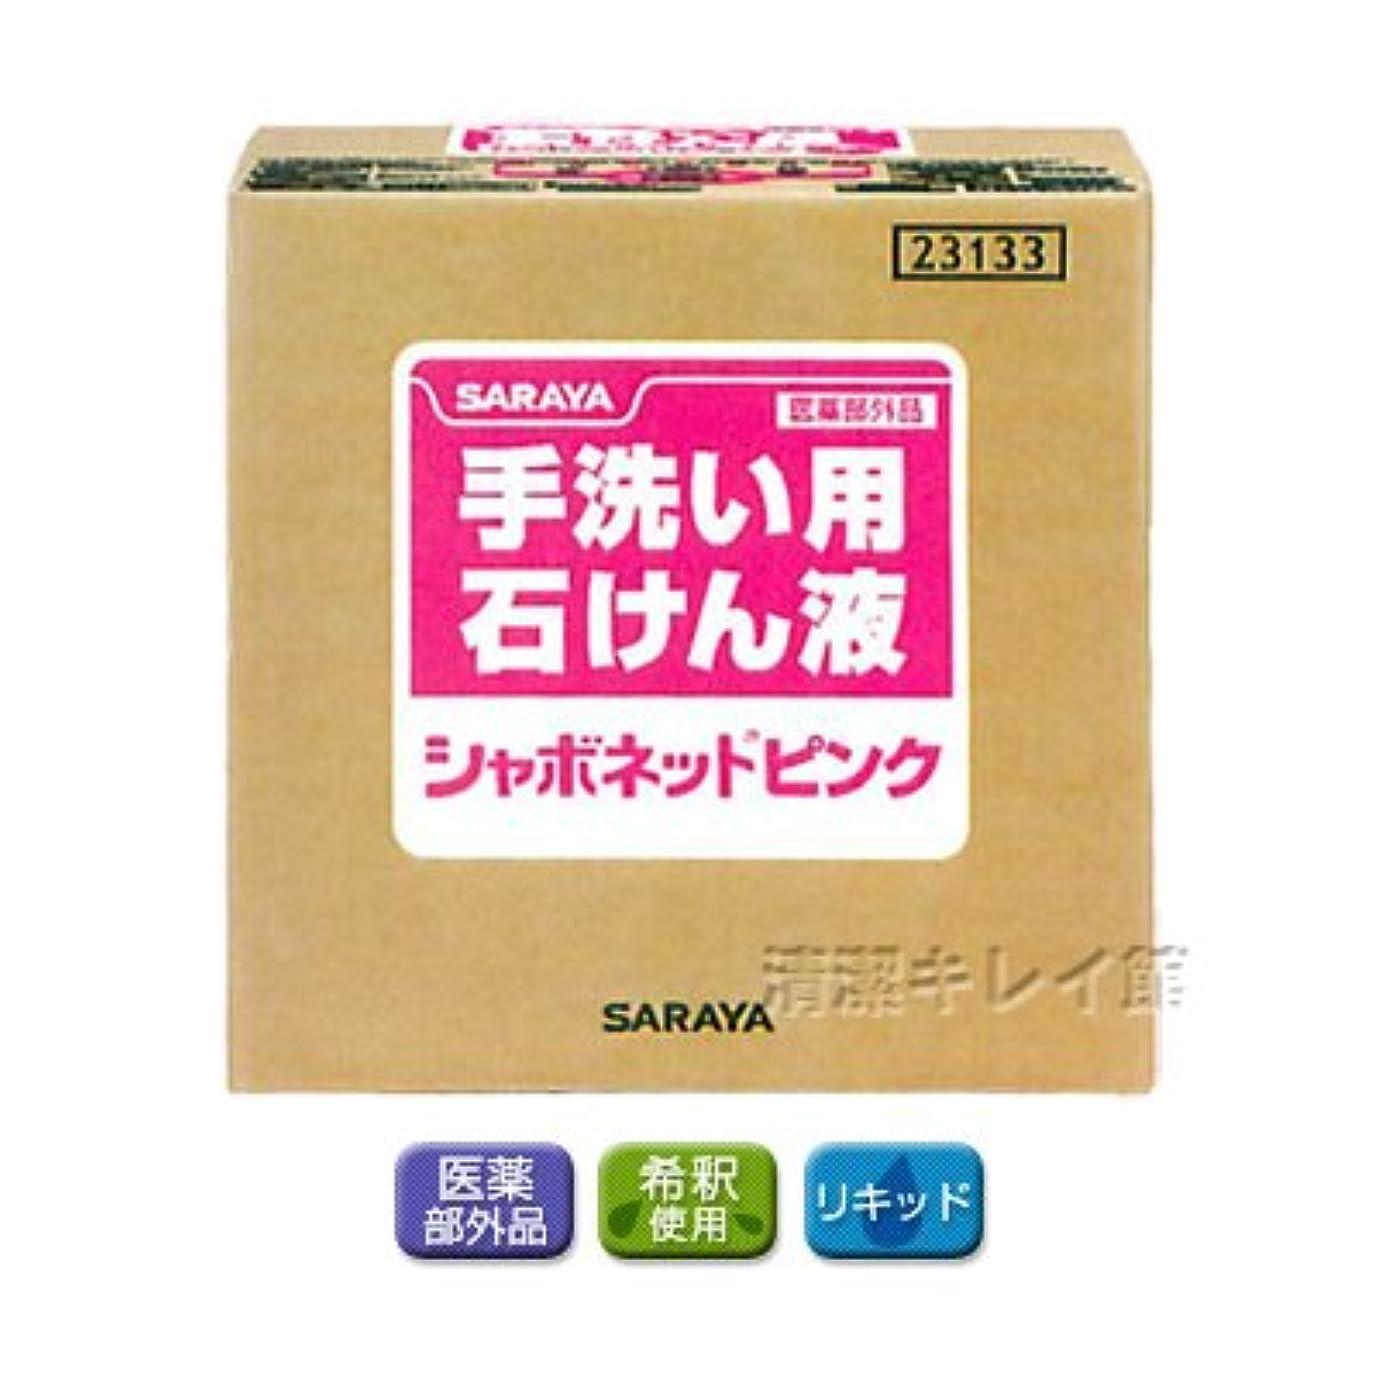 マウントジャングル保持【清潔キレイ館】サラヤ シャボネットピンク(20kg)